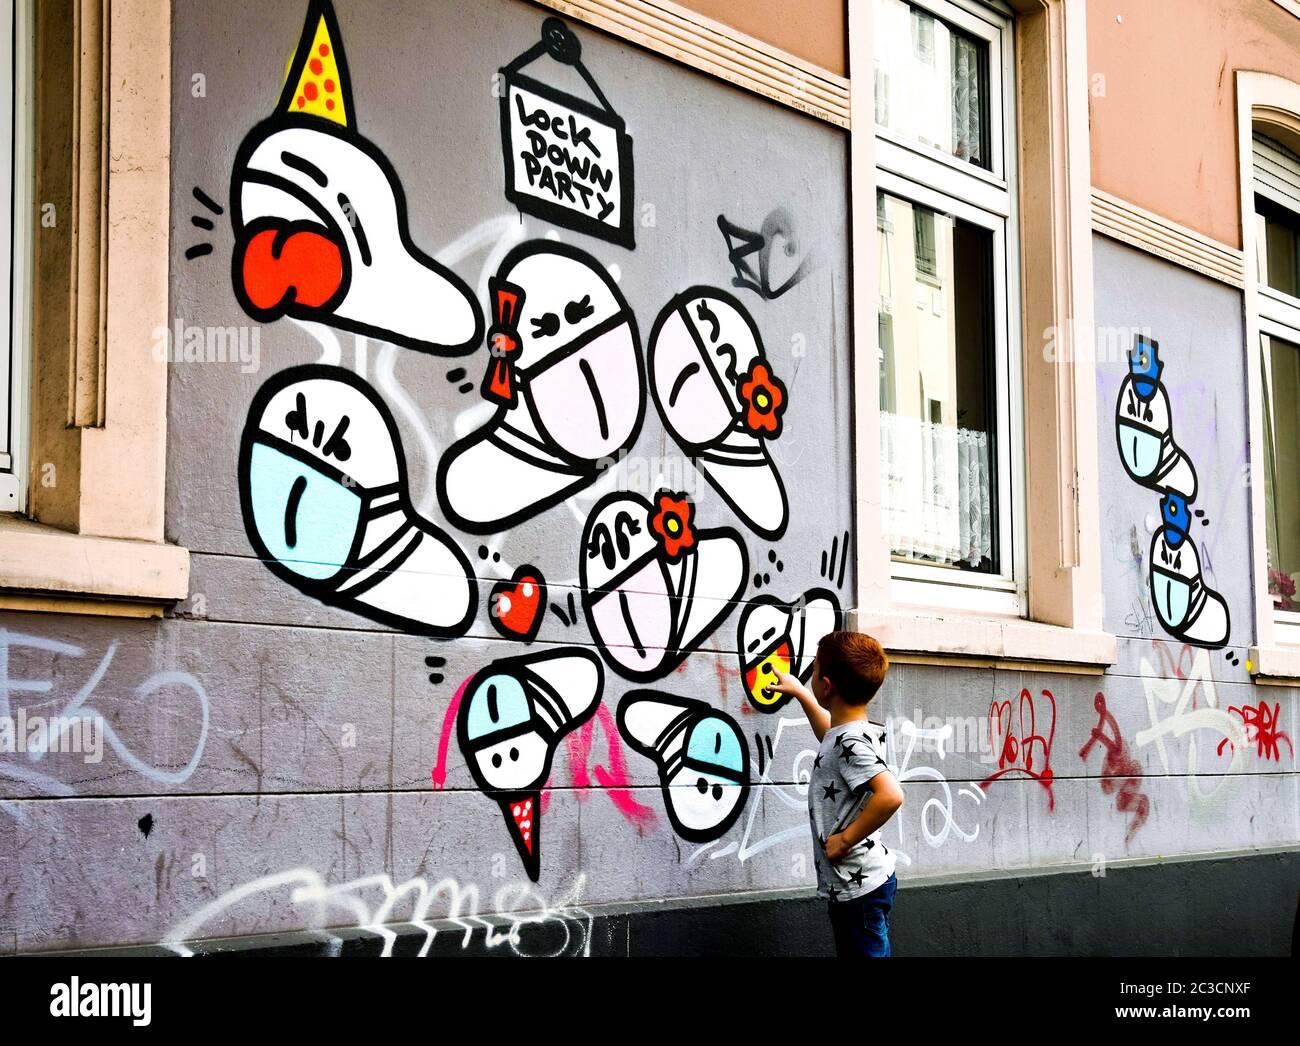 Dortmund, Germany, June 19th, 2020: Mask worms. Since the outbreak of the corona crisis in March 2020, small corona virus graffiti with a mouth mask created by an unknown sprayer can be seen on many house walls in Dortmund.   ---   Dortmund, 19.06.2020: Maskenwürmchen. Seit Ausbruch der Corona-Krise im März 2020 sind kleine Coronaviren-Graffitis mit Mundschutz eines unbekannten Sprayers an vielen Hauswänden in Dortmund zu sehen. Stock Photo